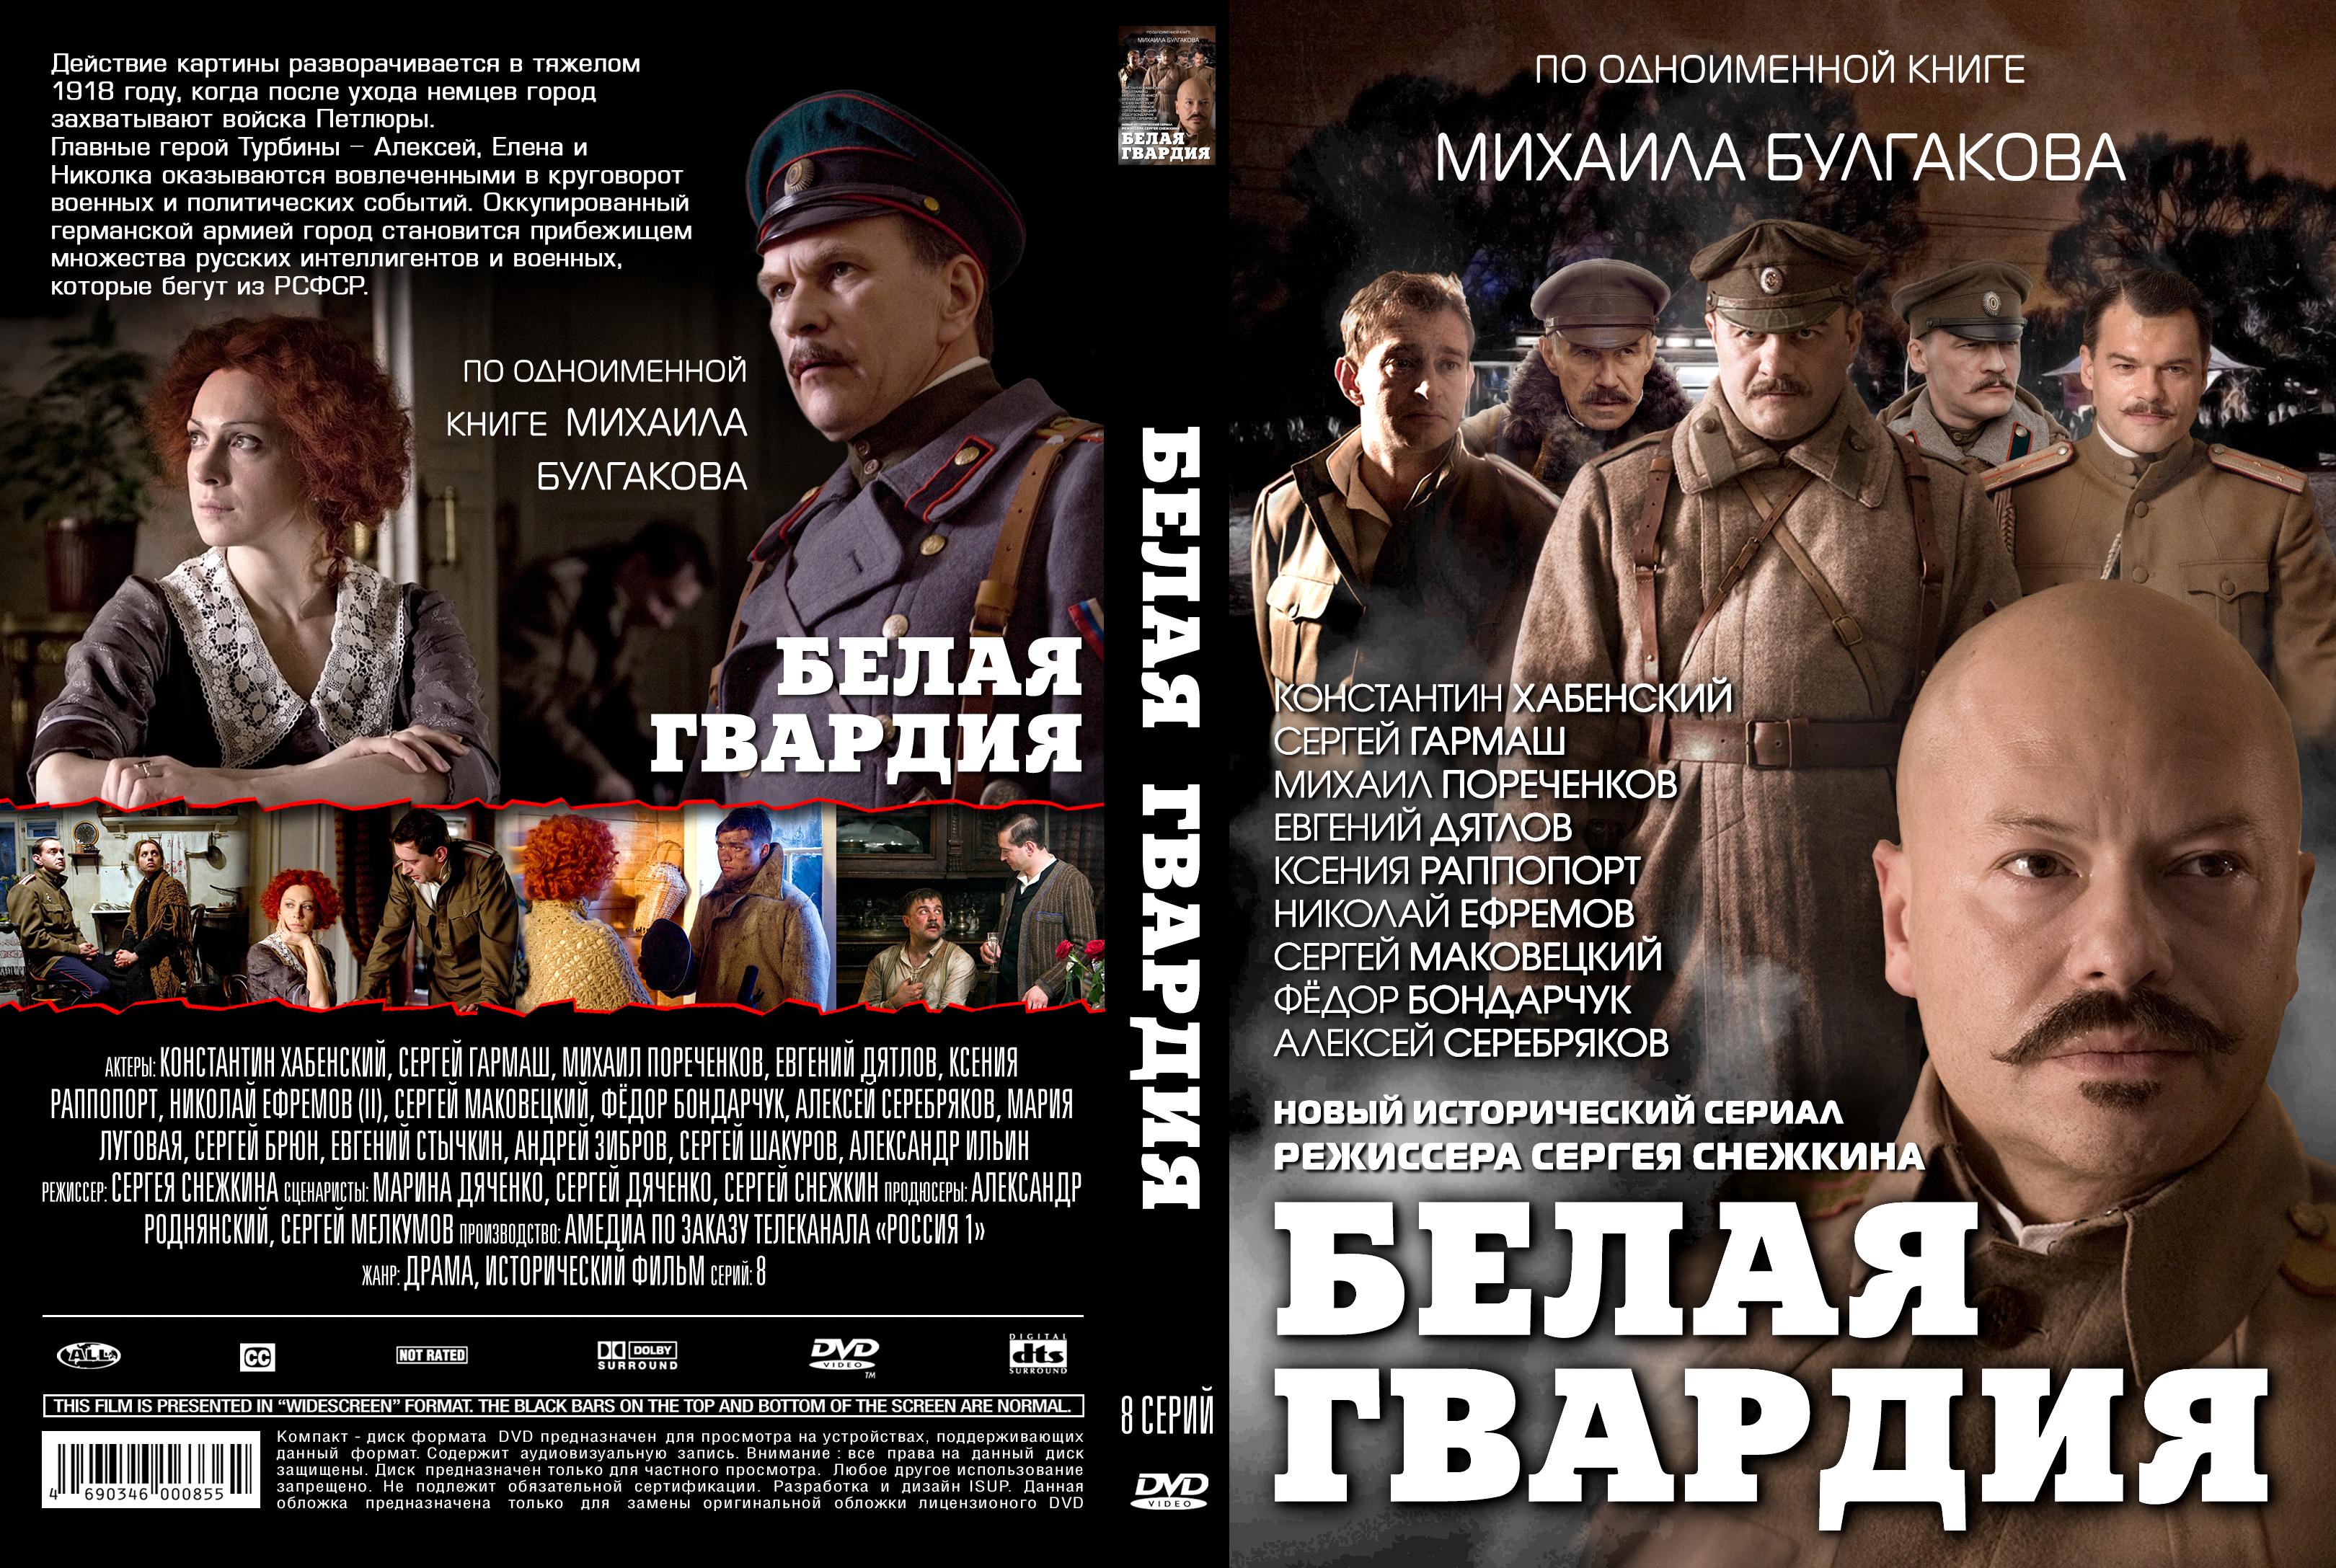 видео фильма белая гвардия